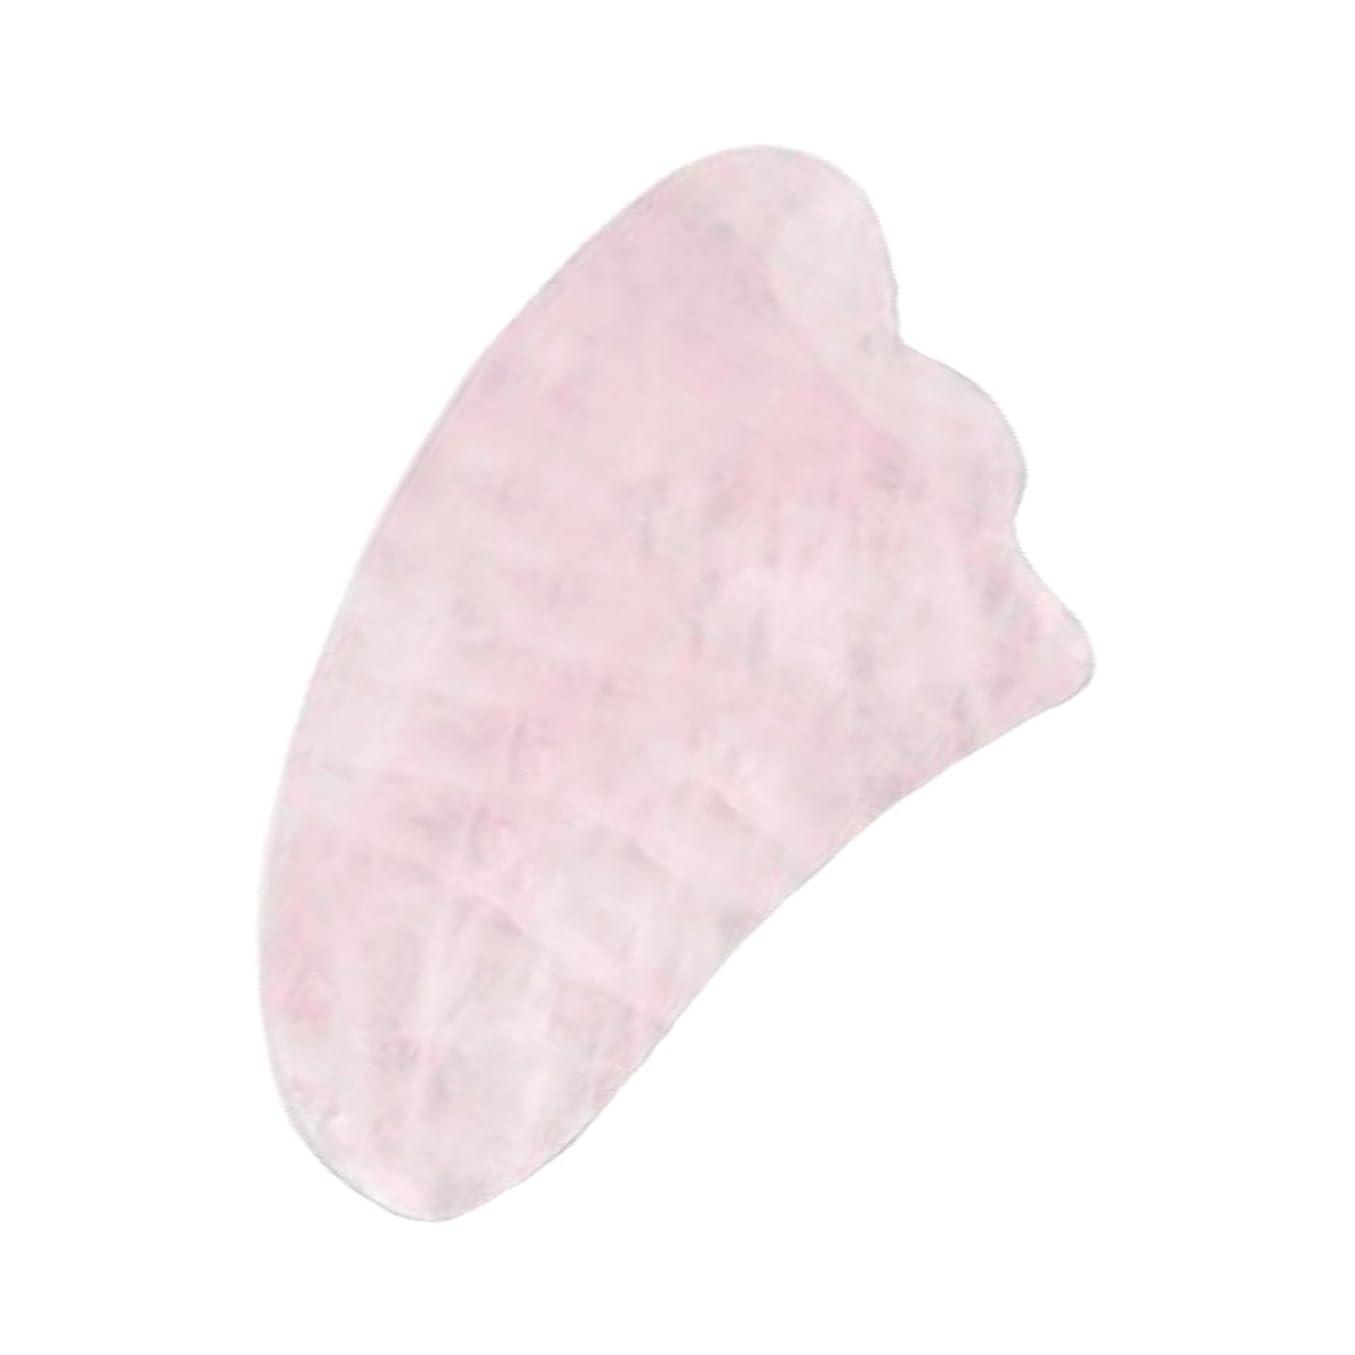 罰する厚いトリクルかっさプレート パワーストーン 美顔 天然石 ローズクォーツ 羽根型 ボディ マッサージ かっさマッサージ 刮痧 ウィング型 健康グッズ